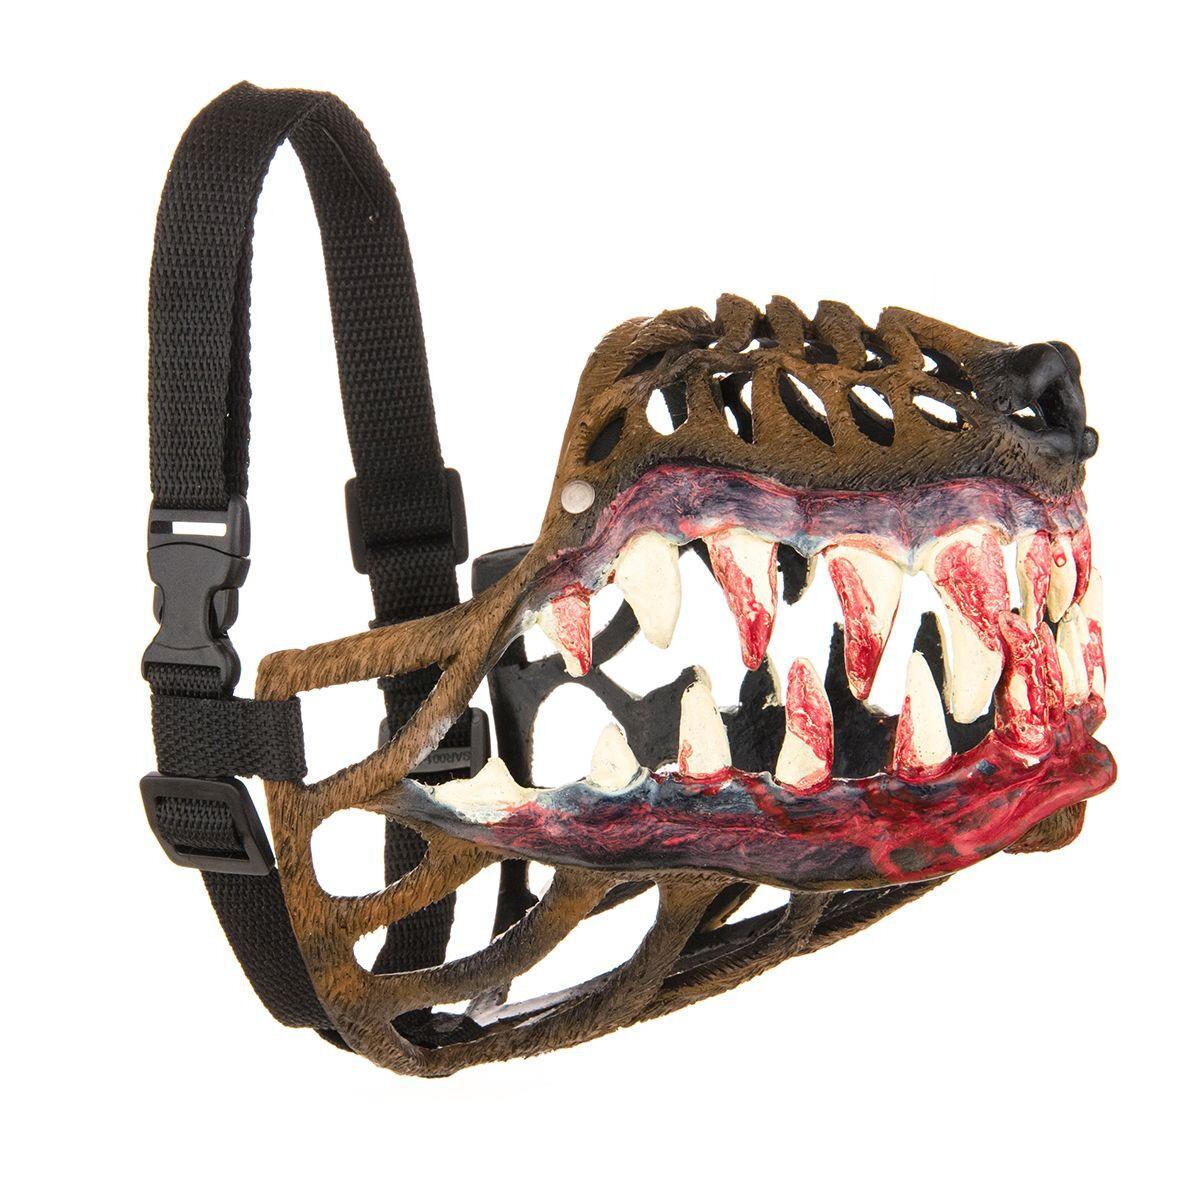 Werwolf Maulkorb Verstellbar Mit Furchterregenden Zähnen Maulkorb Zombie